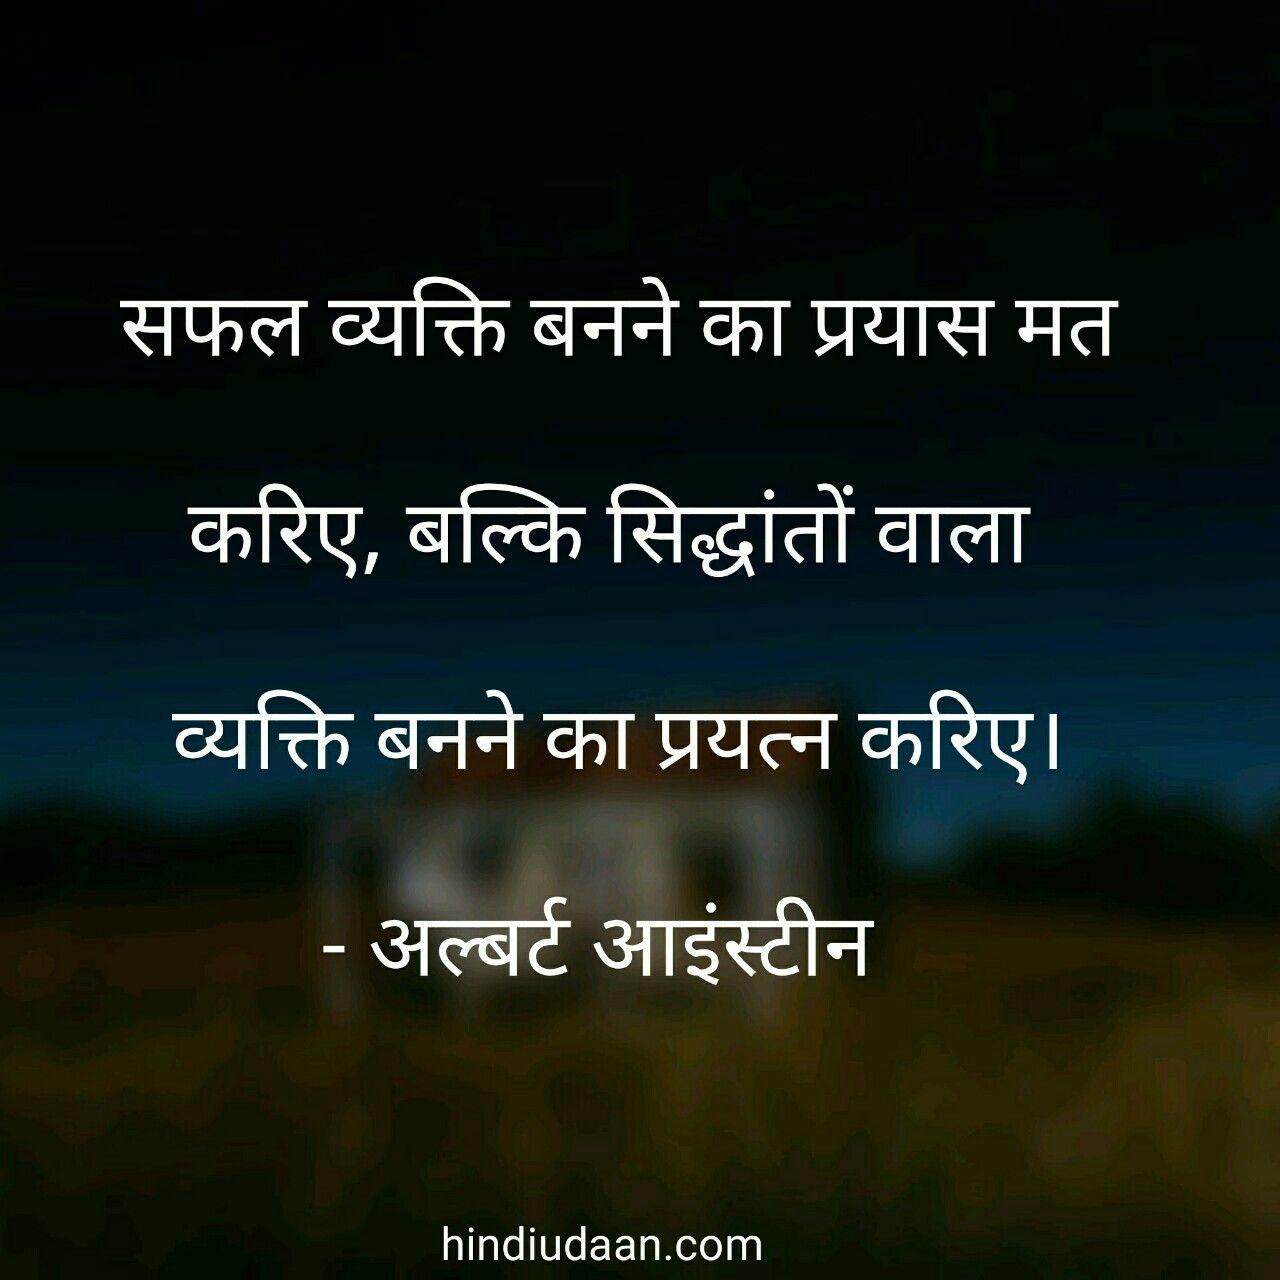 Albert Einstein Hindi Quotes Hindiudaan Hindi Quotes Hindi